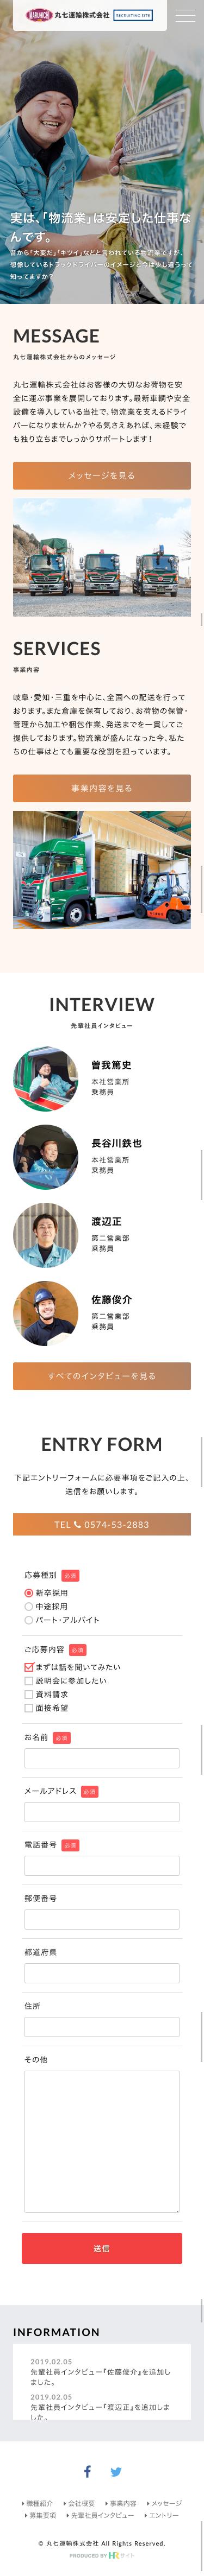 丸七運輸株式会社sp